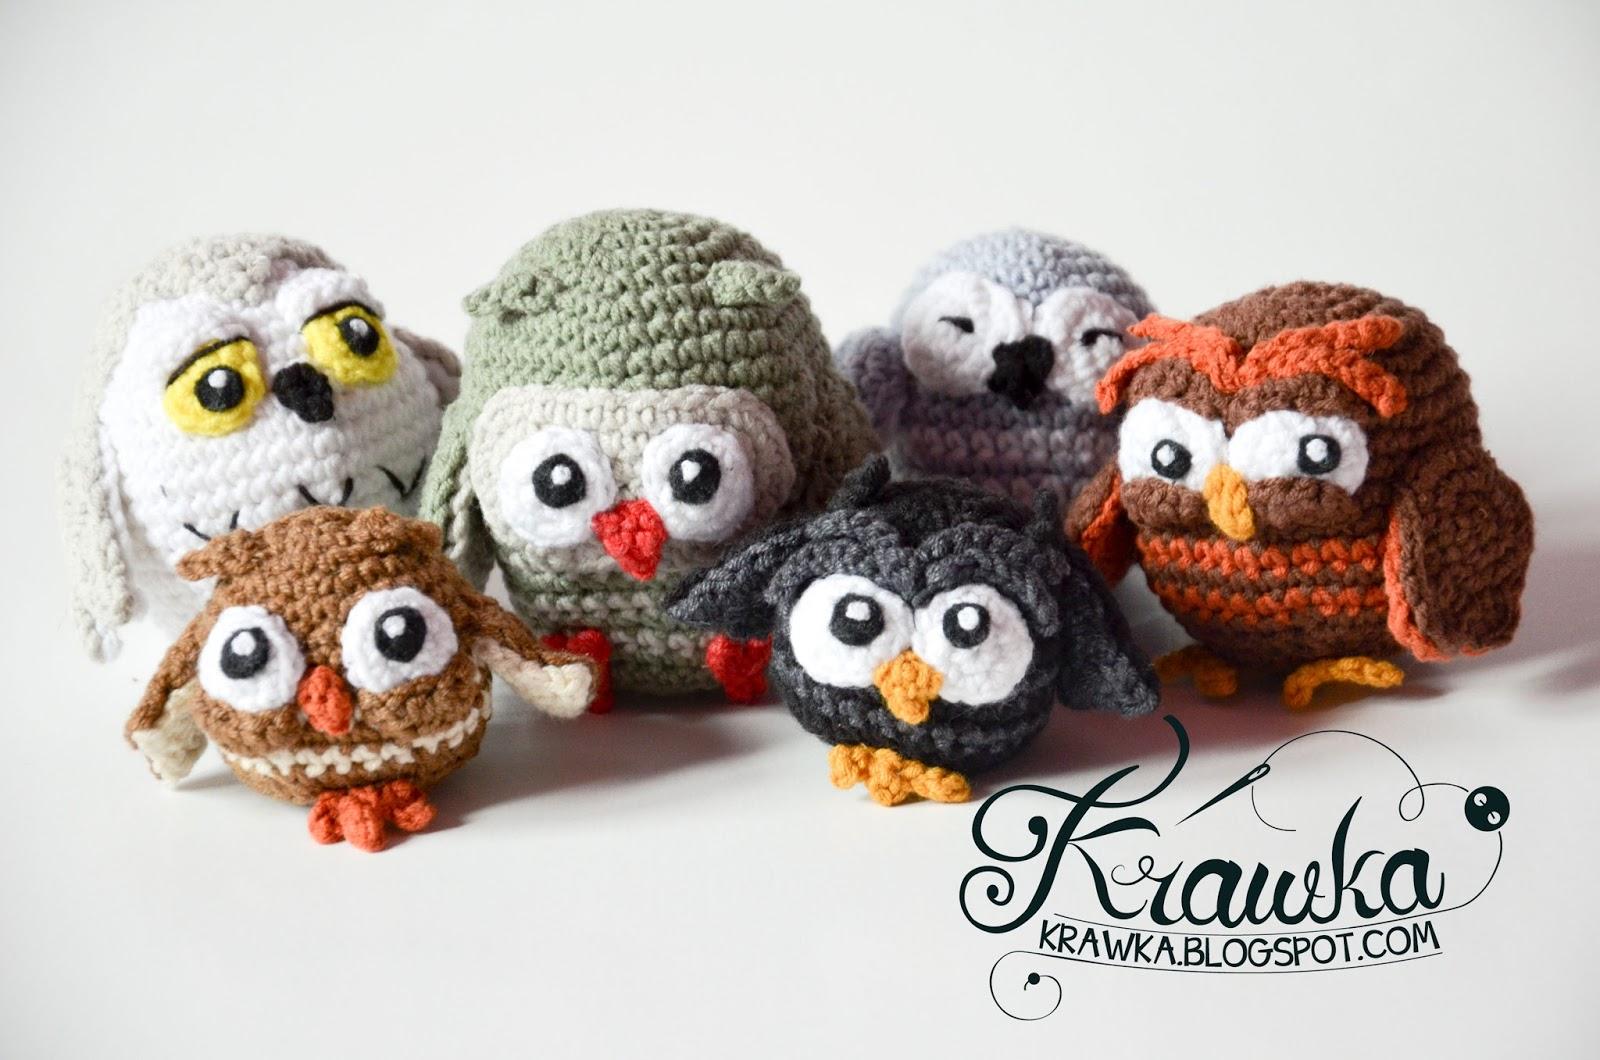 Krawka 2016 Flipper Owl Hearty Orange Owlery Crochet Pattern Cute Little Owls Bunch Blacky Dopey Sleppy